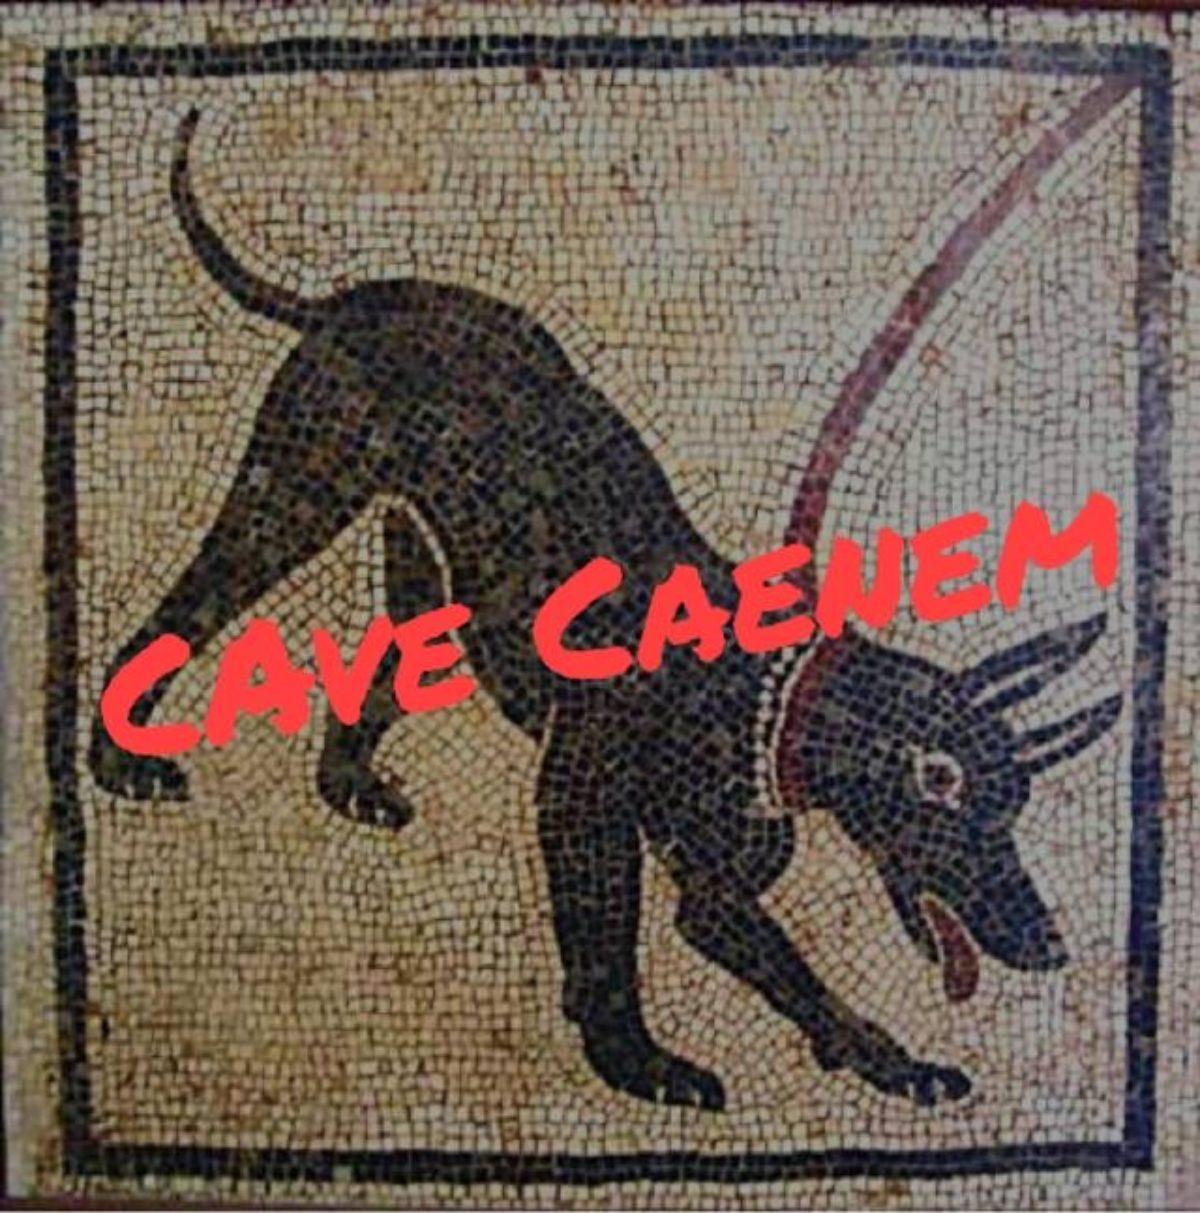 CaveCaenem